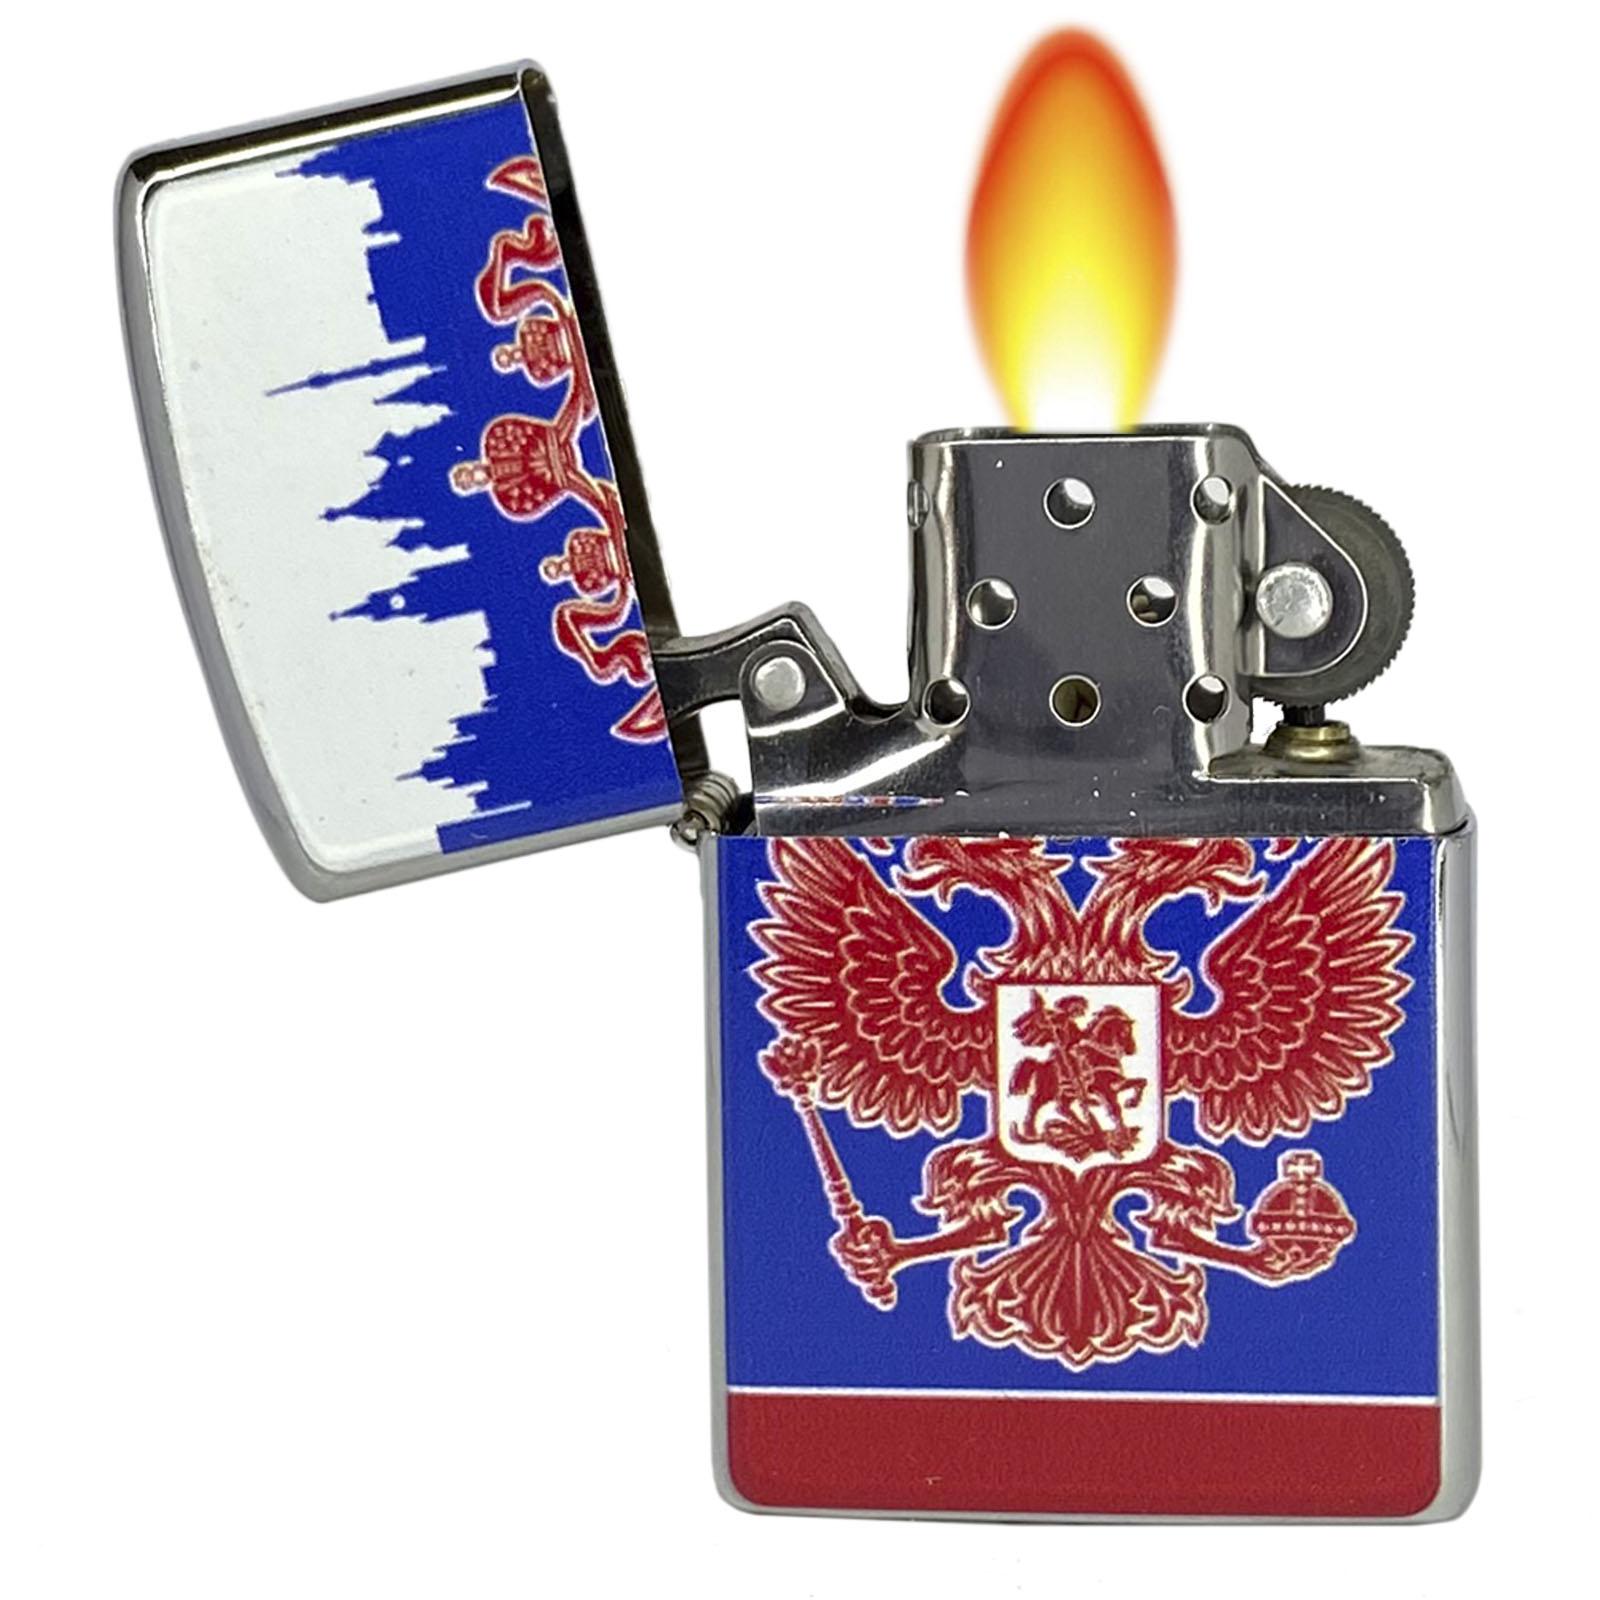 """Купить металлическую бензиновую зажигалку """"Россия"""" онлайн с доставкой"""